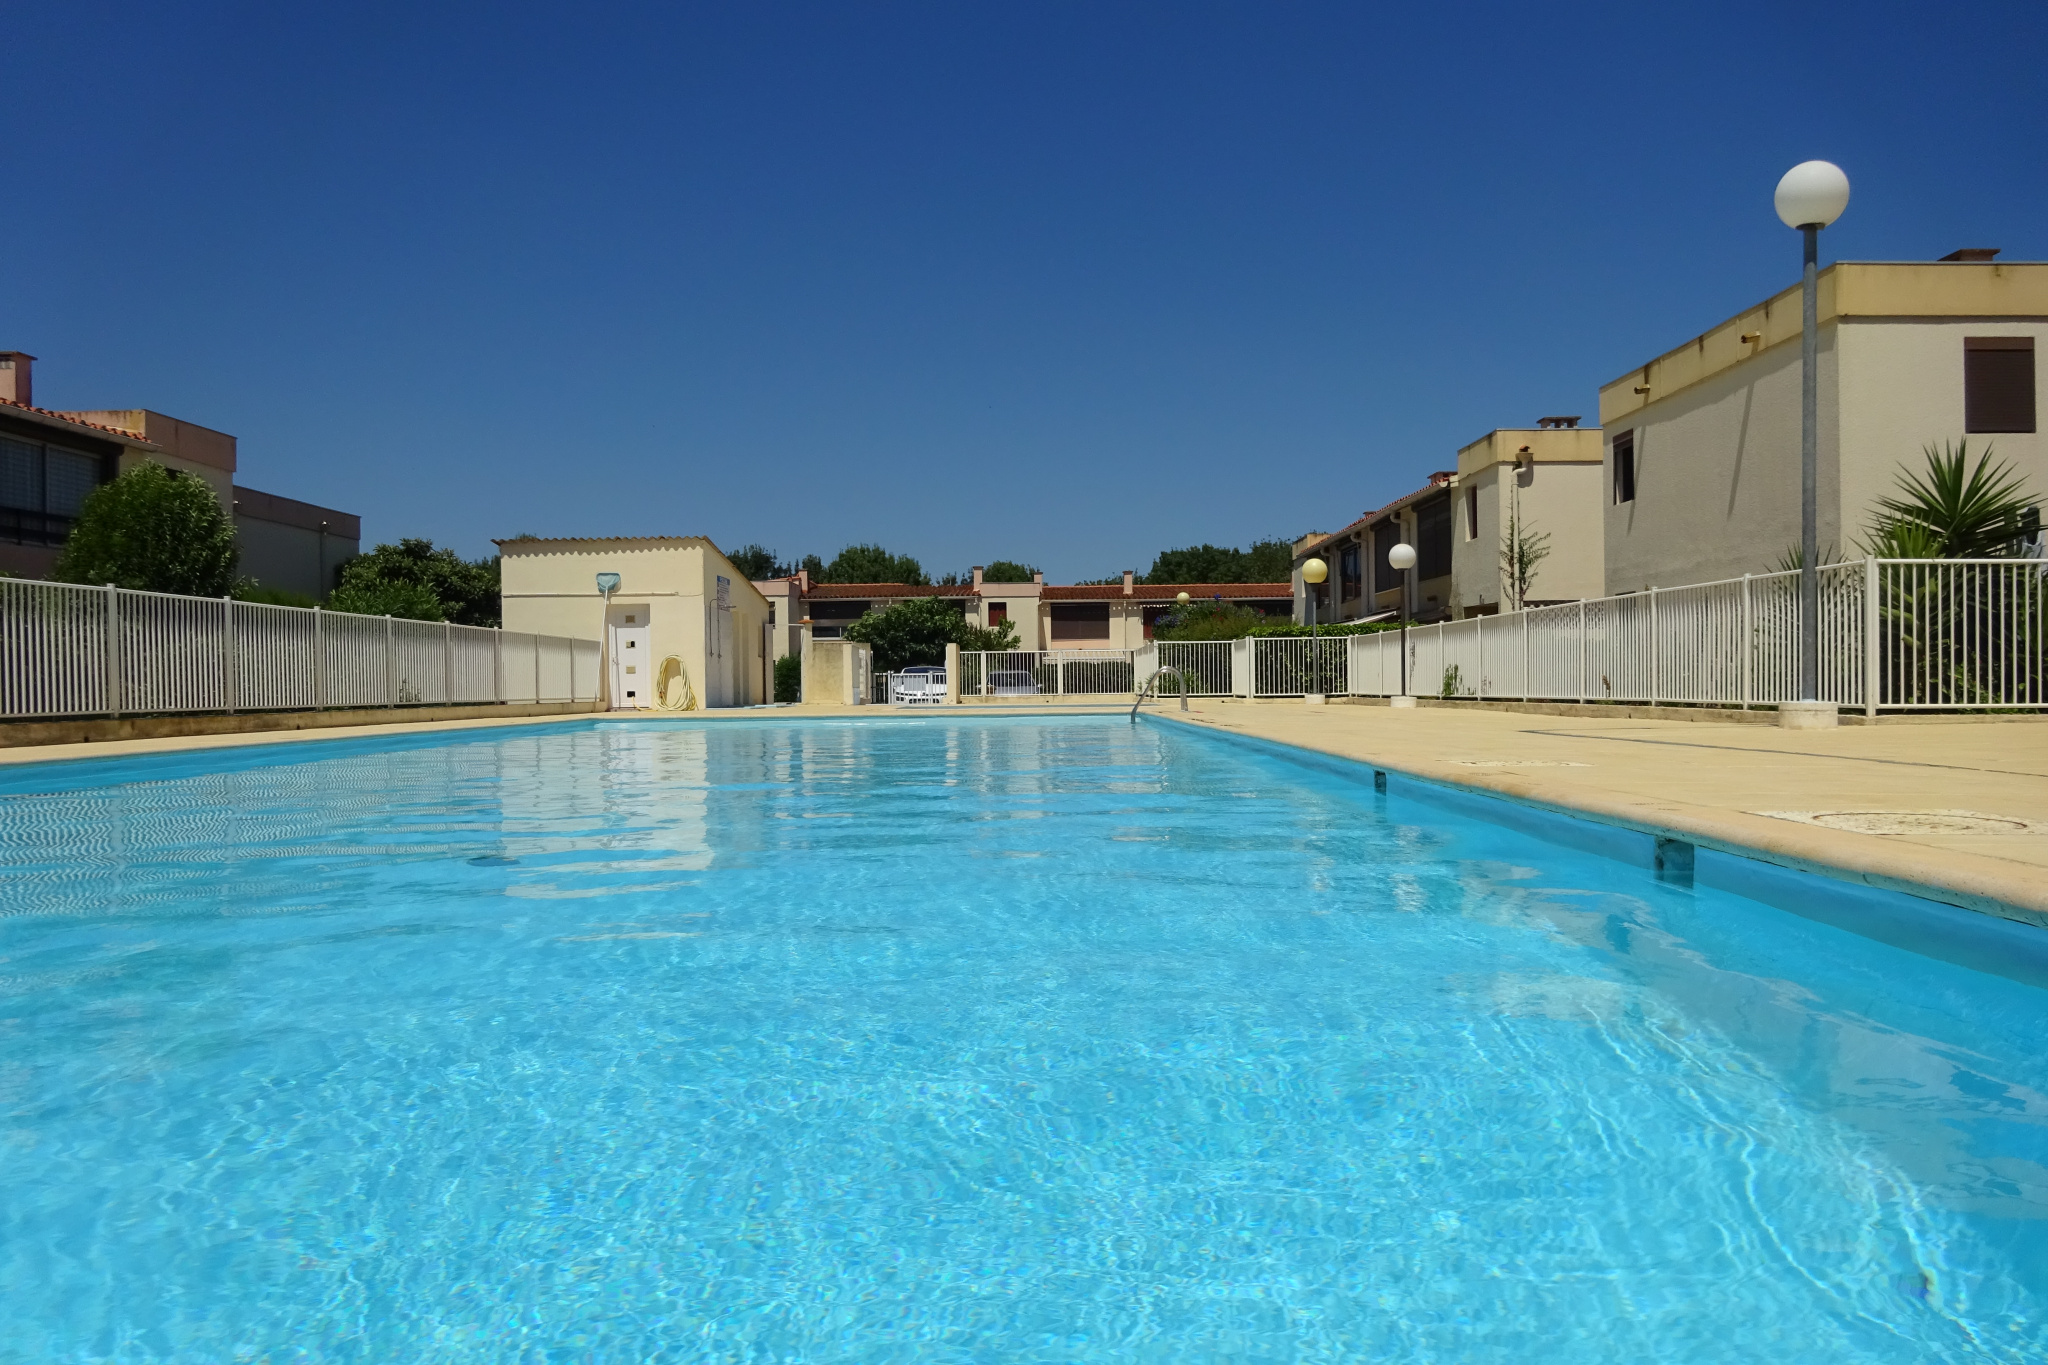 À vendre appartement de 30m2 à argeles sur mer (66700) - Photo 2'